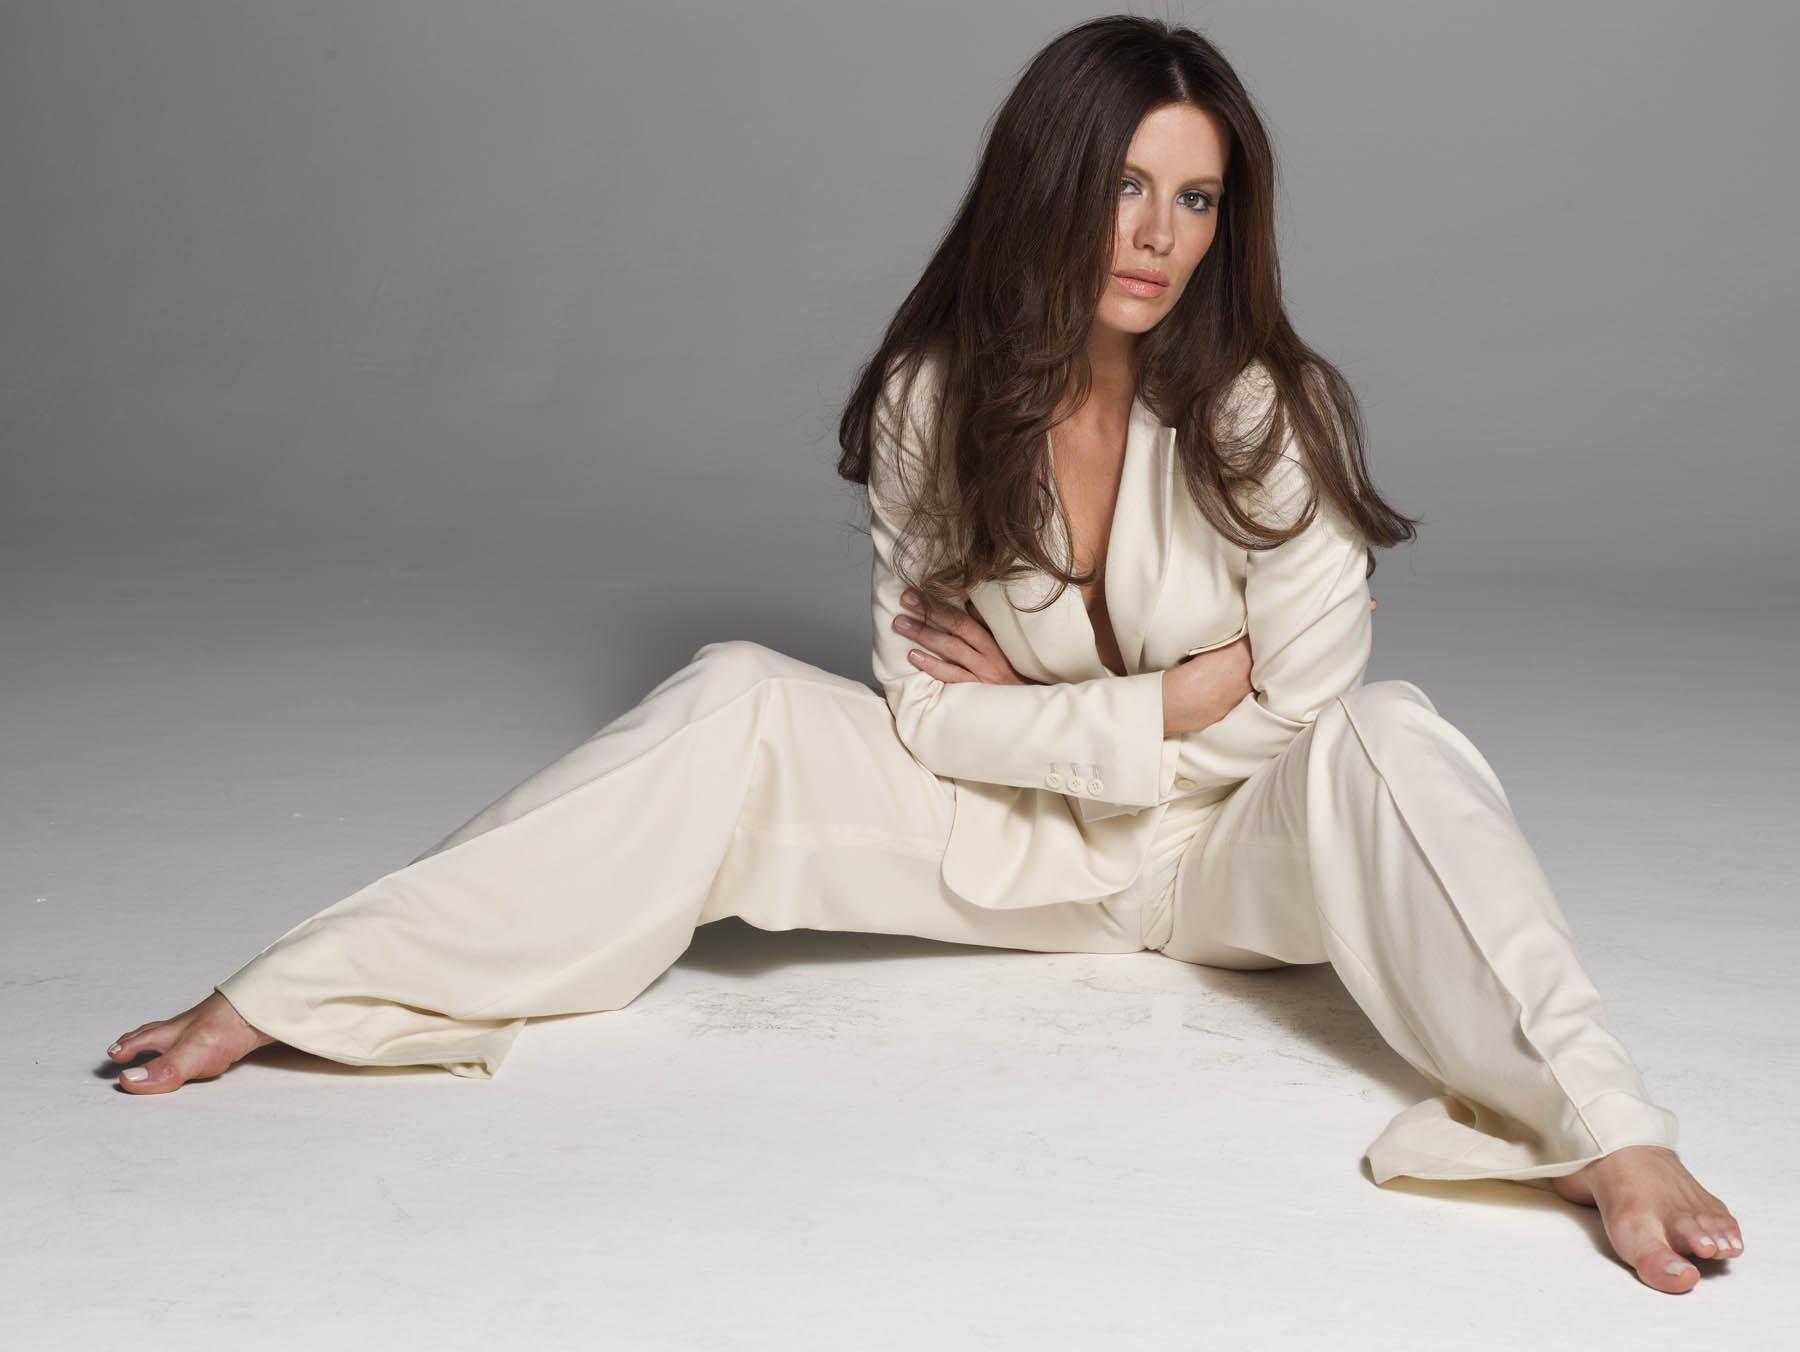 Digitalminx.com - Actr... Kate Beckinsale Diet